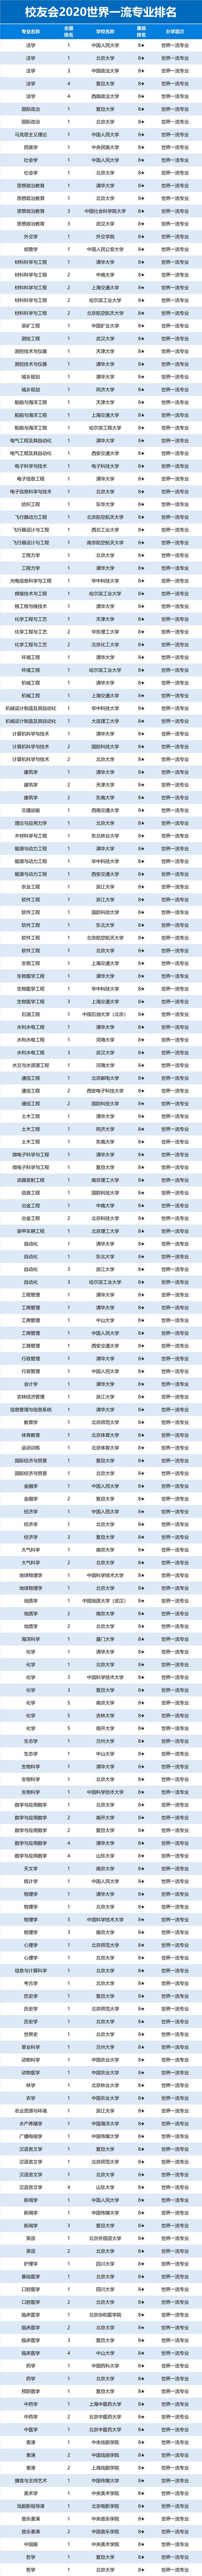 2020中国世界一流专业排名2